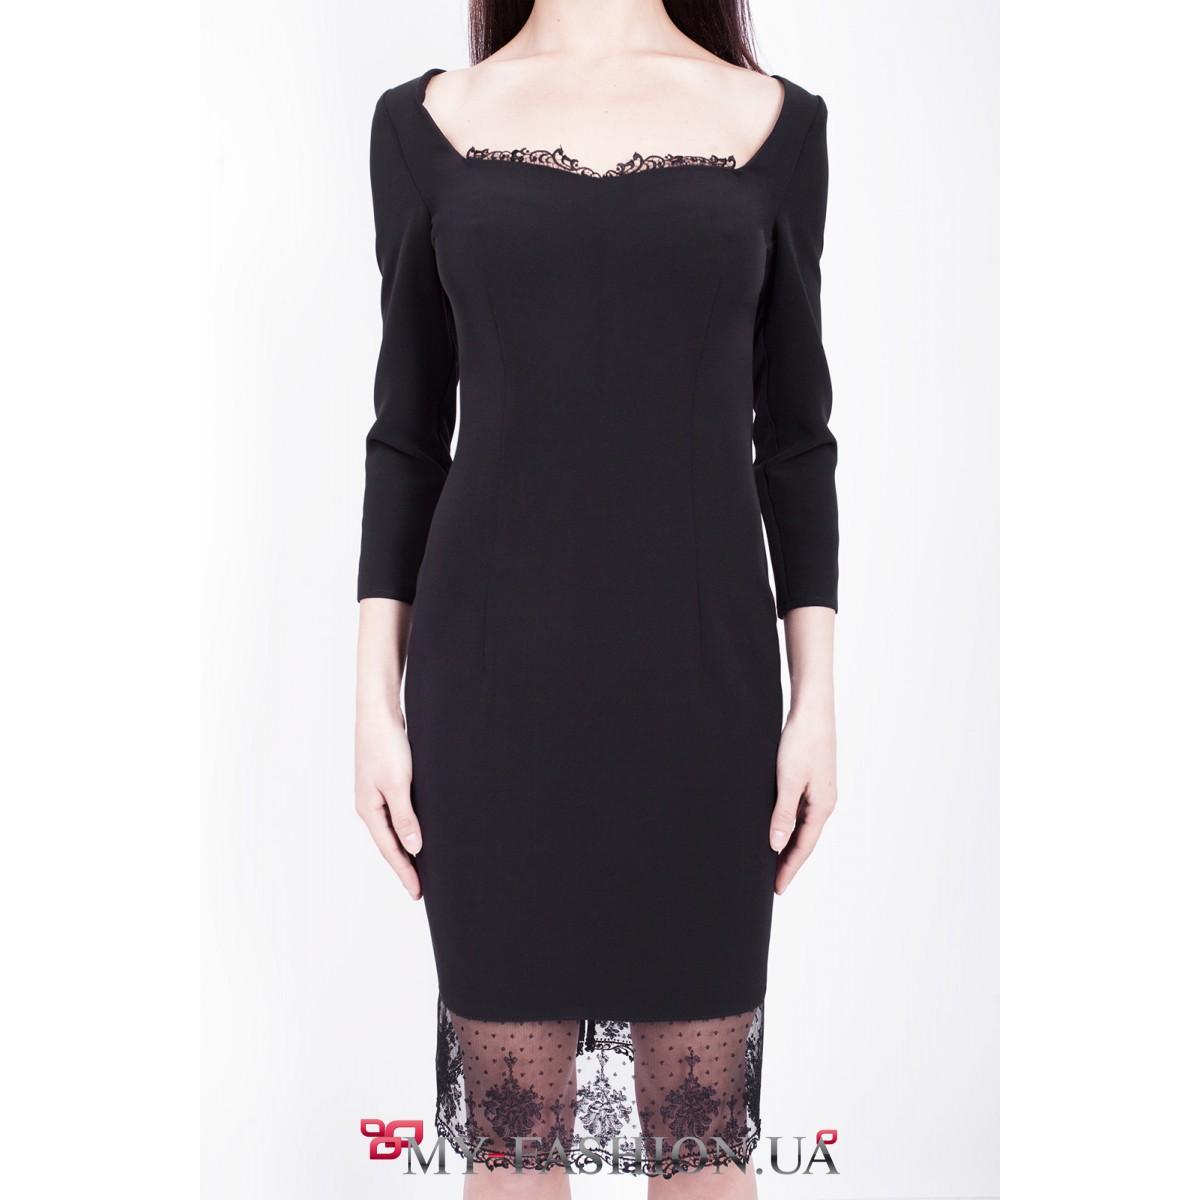 Платье С Глубоким Декольте Купить